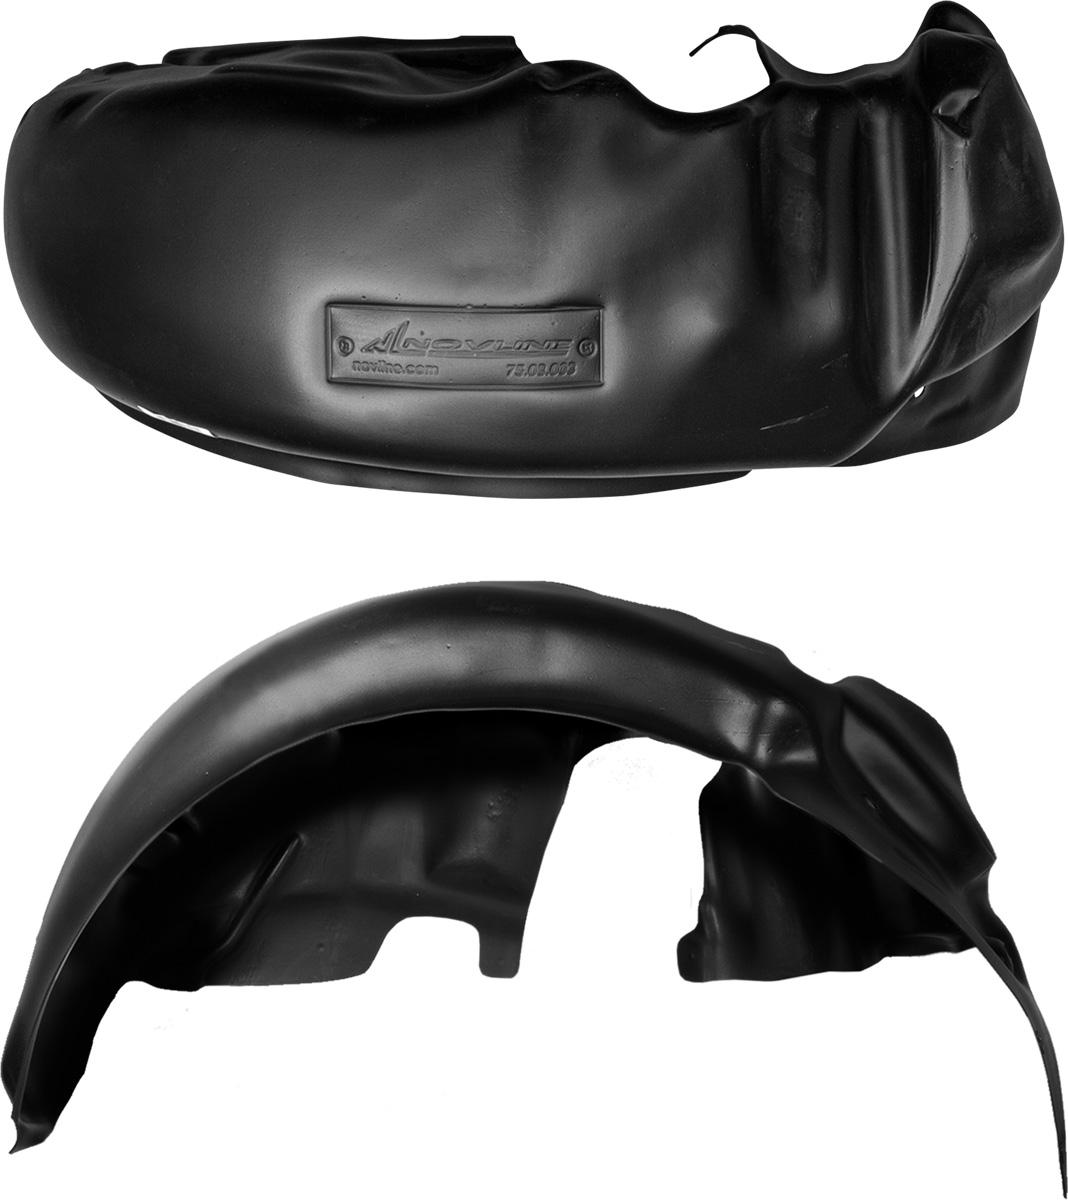 Подкрылок Novline-Autofamily, для Mitsubishi Pajero IV, 2006->, задний правыйNLL.35.16.004Колесные ниши - одни из самых уязвимых зон днища вашего автомобиля. Они постоянно подвергаются воздействию со стороны дороги. Лучшая, почти абсолютная защита для них - специально отформованные пластиковые кожухи, которые называются подкрылками. Производятся они как для отечественных моделей автомобилей, так и для иномарок. Подкрылки Novline-Autofamily выполнены из высококачественного, экологически чистого пластика. Обеспечивают надежную защиту кузова автомобиля от пескоструйного эффекта и негативного влияния, агрессивных антигололедных реагентов. Пластик обладает более низкой теплопроводностью, чем металл, поэтому в зимний период эксплуатации использование пластиковых подкрылков позволяет лучше защитить колесные ниши от налипания снега и образования наледи. Оригинальность конструкции подчеркивает элегантность автомобиля, бережно защищает нанесенное на днище кузова антикоррозийное покрытие и позволяет осуществить крепление подкрылков внутри колесной арки практически без дополнительного крепежа и сверления, не нарушая при этом лакокрасочного покрытия, что предотвращает возникновение новых очагов коррозии. Подкрылки долговечны, обладают высокой прочностью и сохраняют заданную форму, а также все свои физико-механические характеристики в самых тяжелых климатических условиях (от -50°С до +50°С).Уважаемые клиенты!Обращаем ваше внимание, на тот факт, что подкрылок имеет форму, соответствующую модели данного автомобиля. Фото служит для визуального восприятия товара.